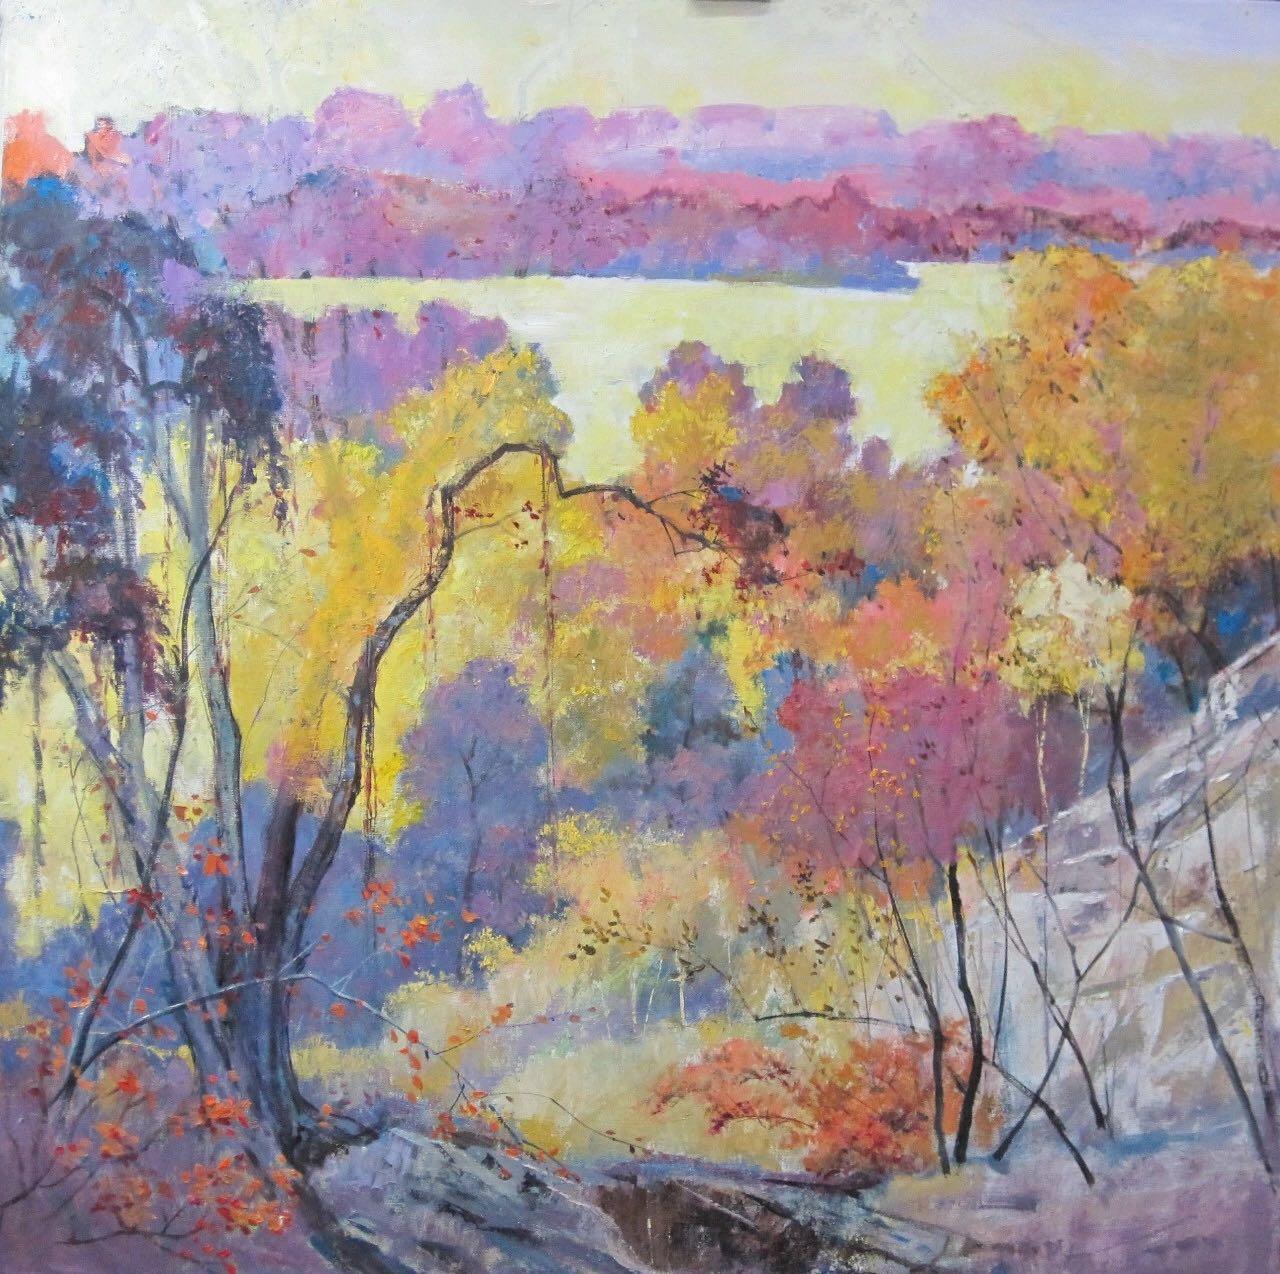 展讯 | 倾情山河·深耕时光 ——朱曜奎从教70周年艺术展